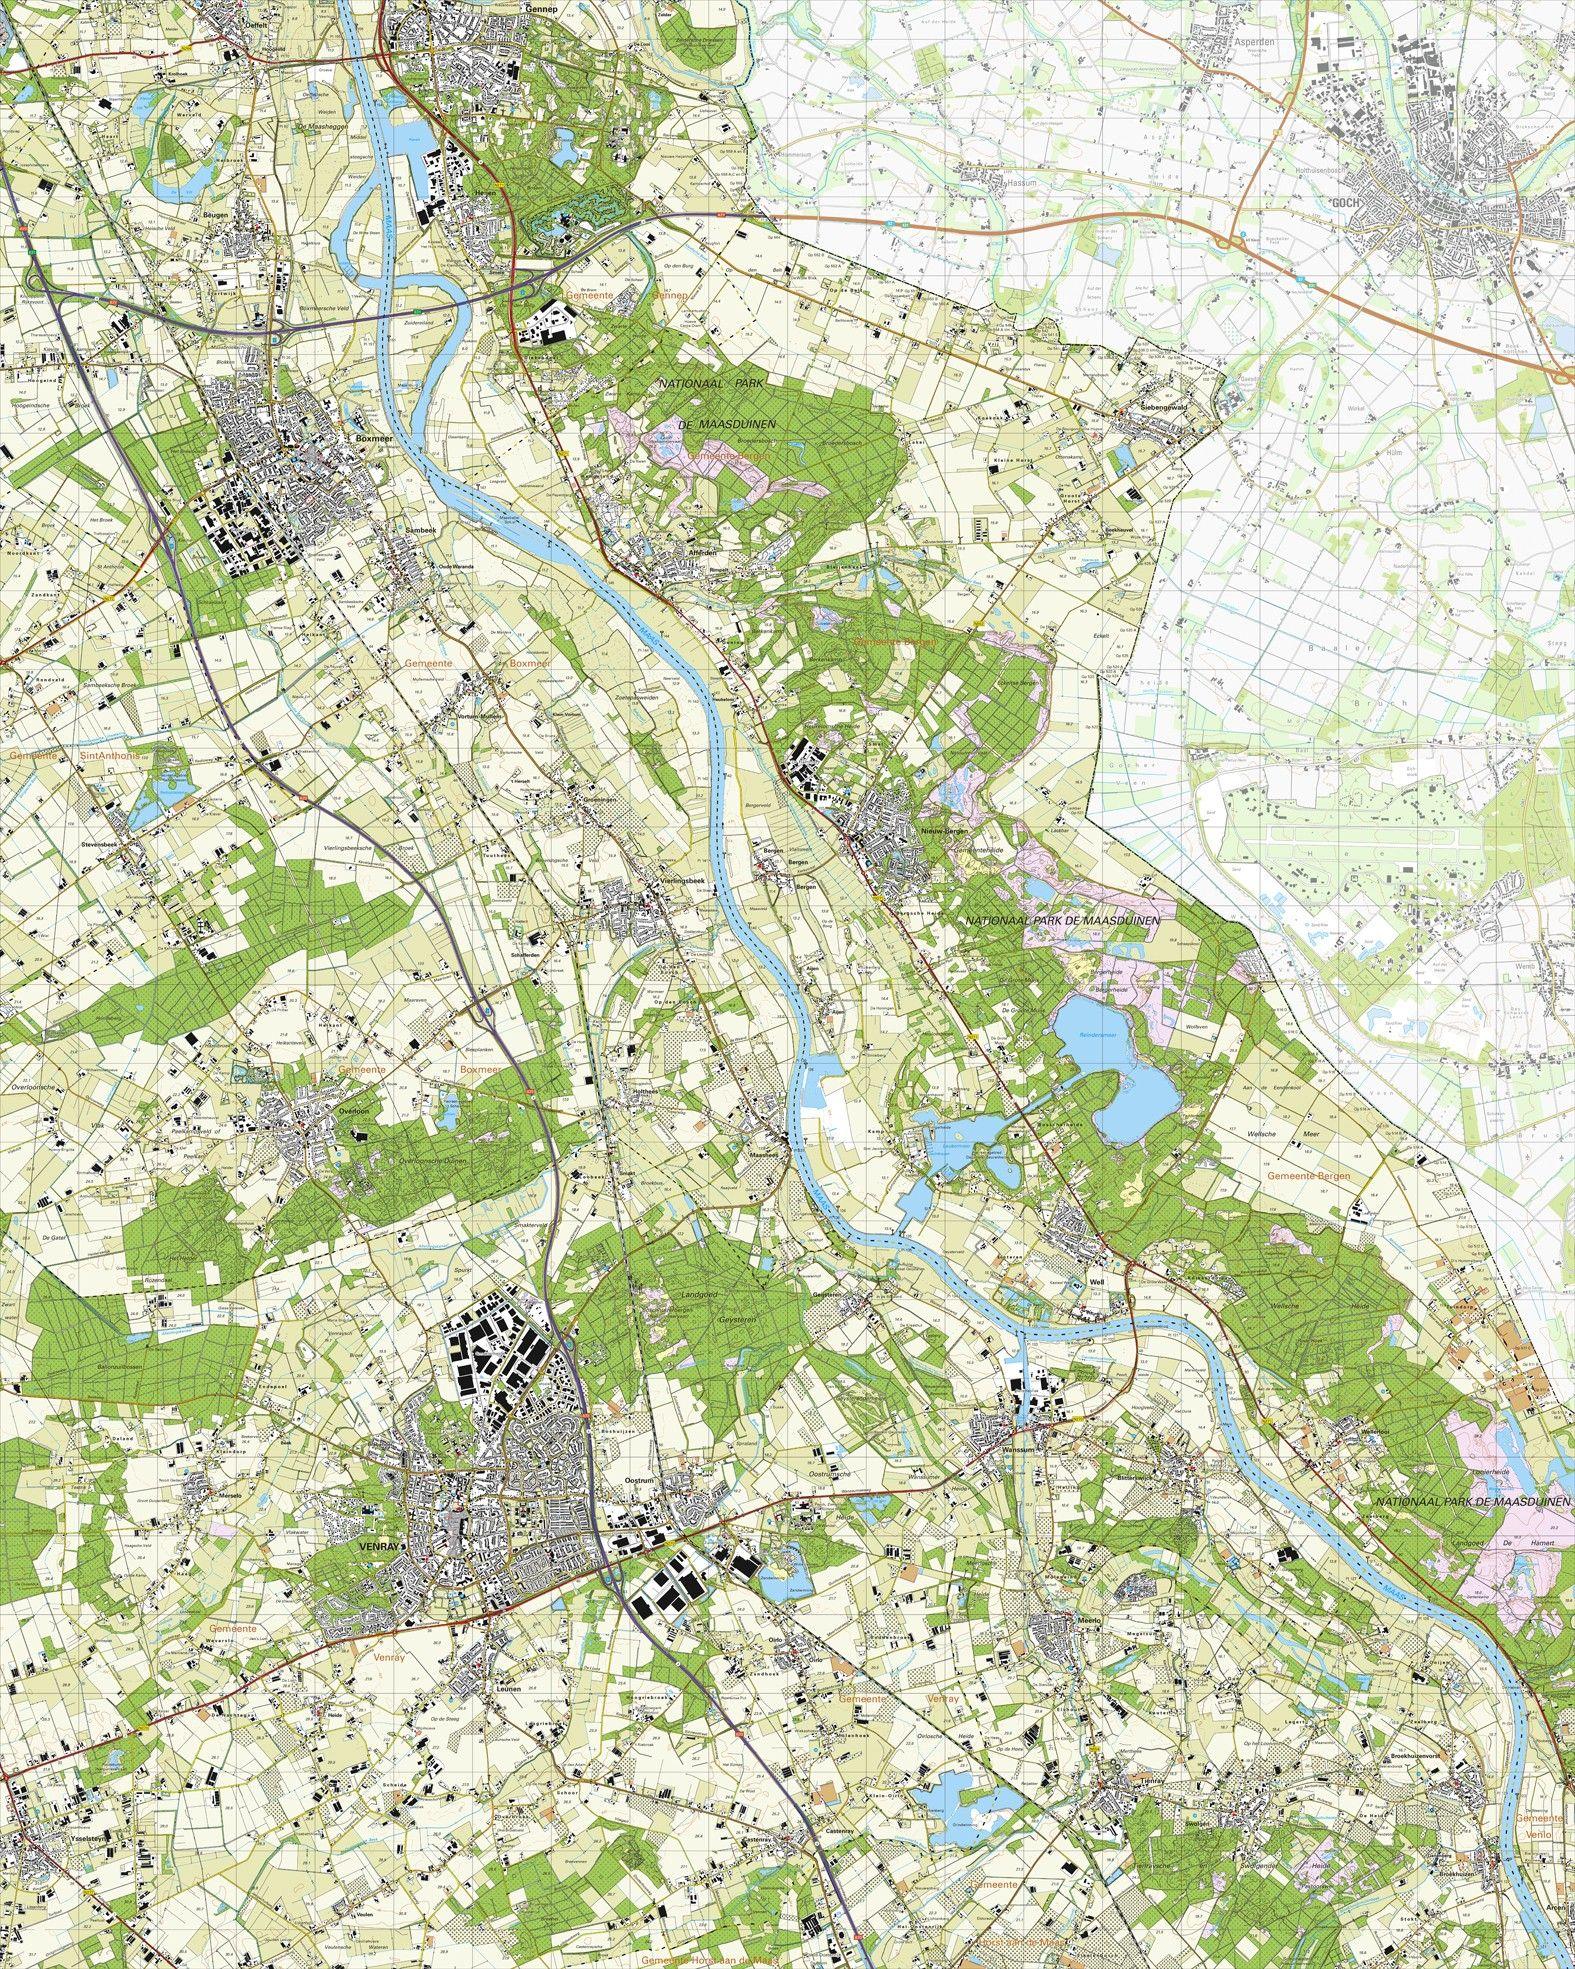 Topografische kaart schaal 1:25.000 (Boxmeer, Vierlingsbeek, Venray, Overloon, Gennep)